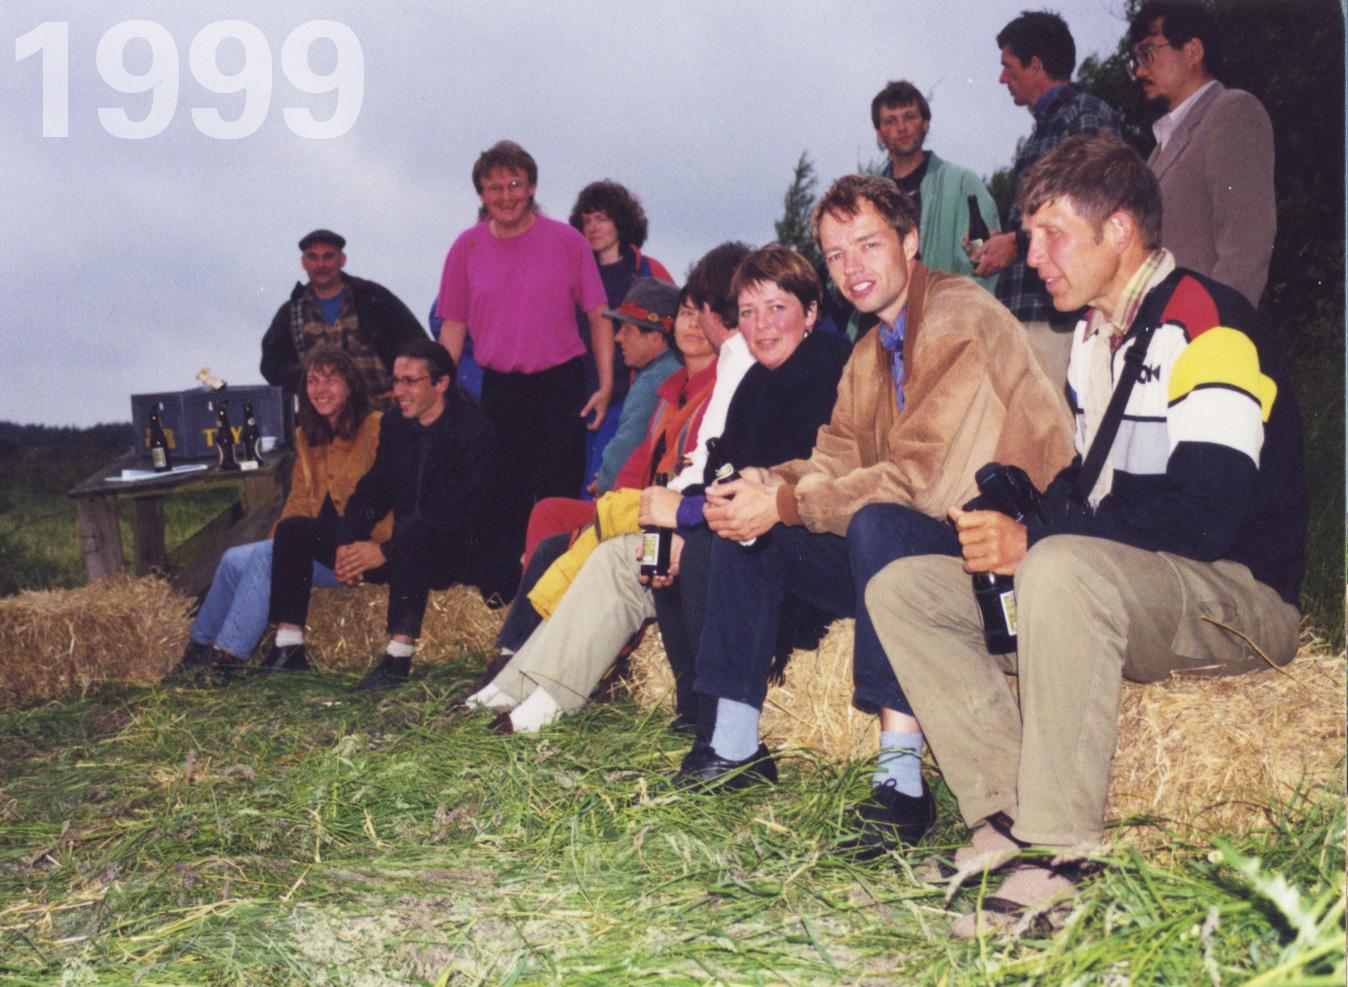 Gründung des asbn Netzwerks beim 2. ESBG in Dänemark (im Bild hinten sitzend: Herbert & Astrid Gruber)